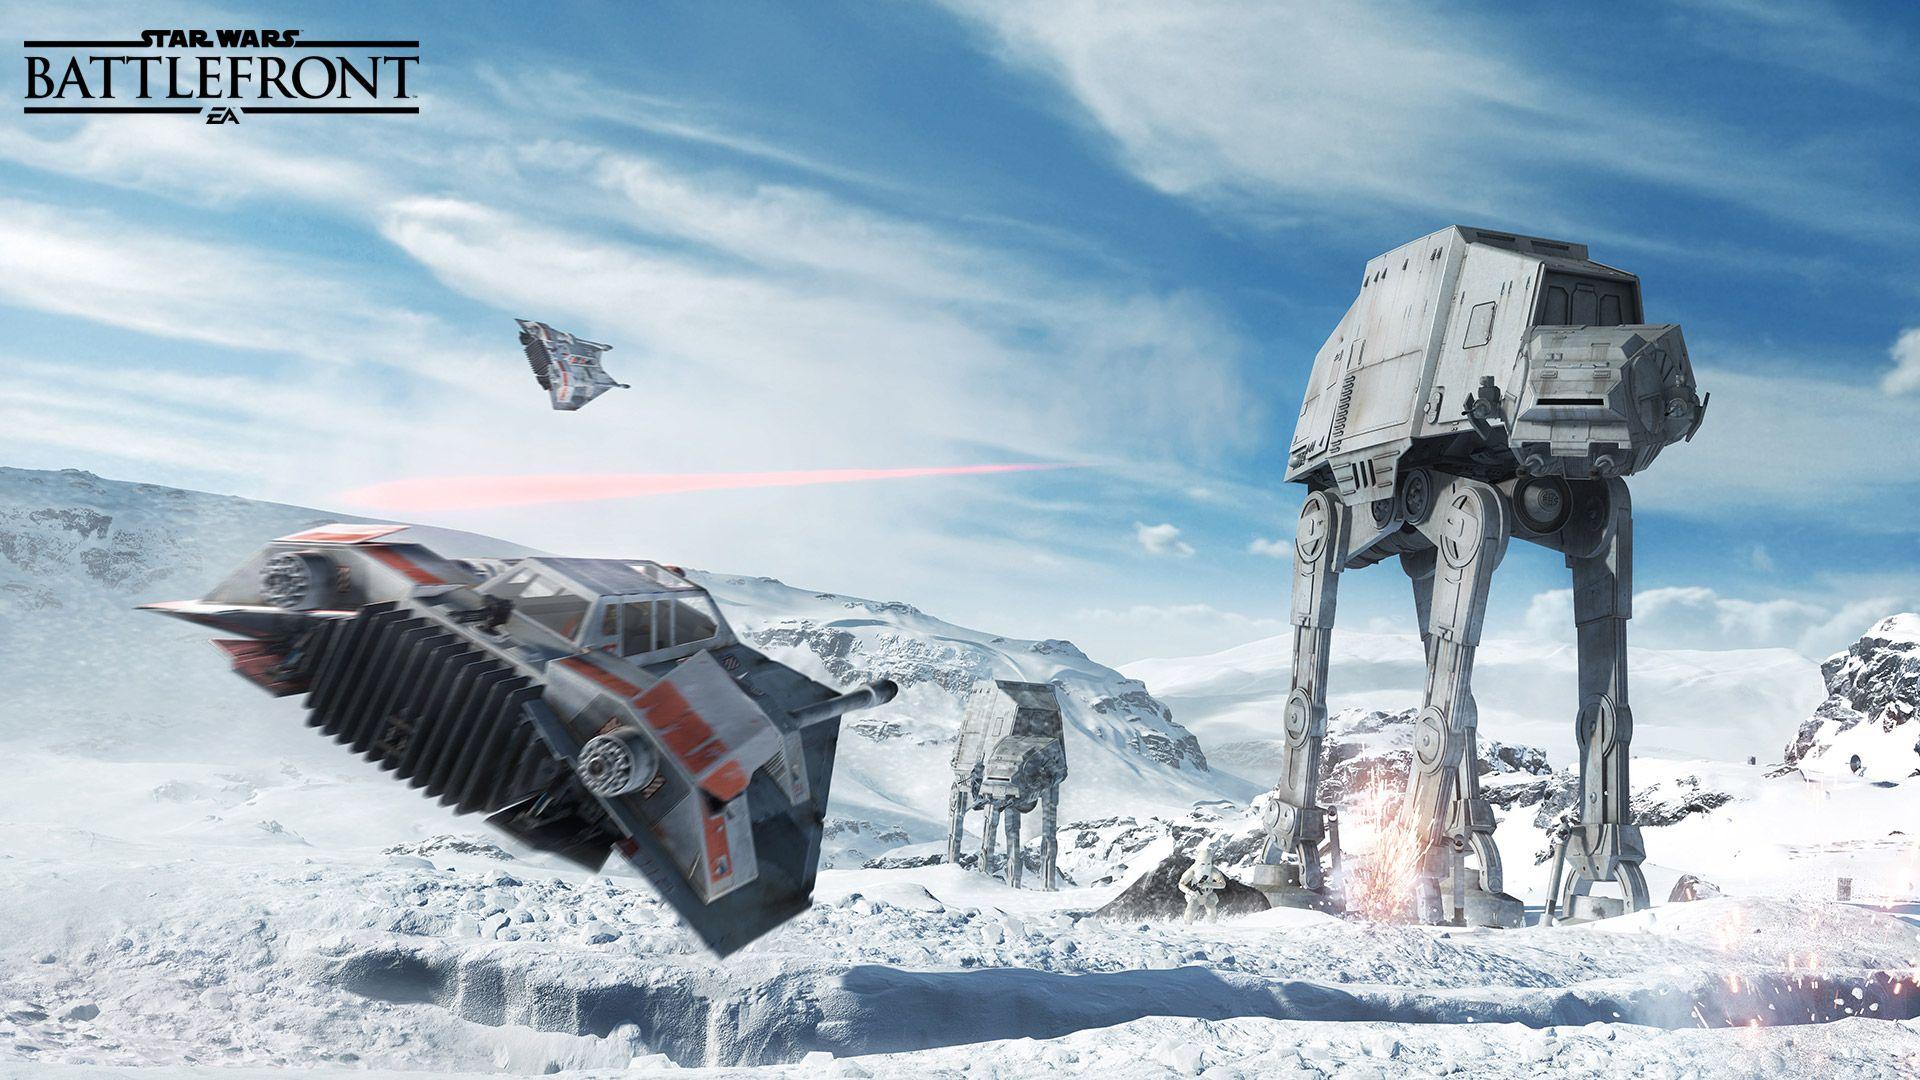 Star Wars: Battlefront kann für PC, Playstation 4 und Xbox One vorbestellt werden